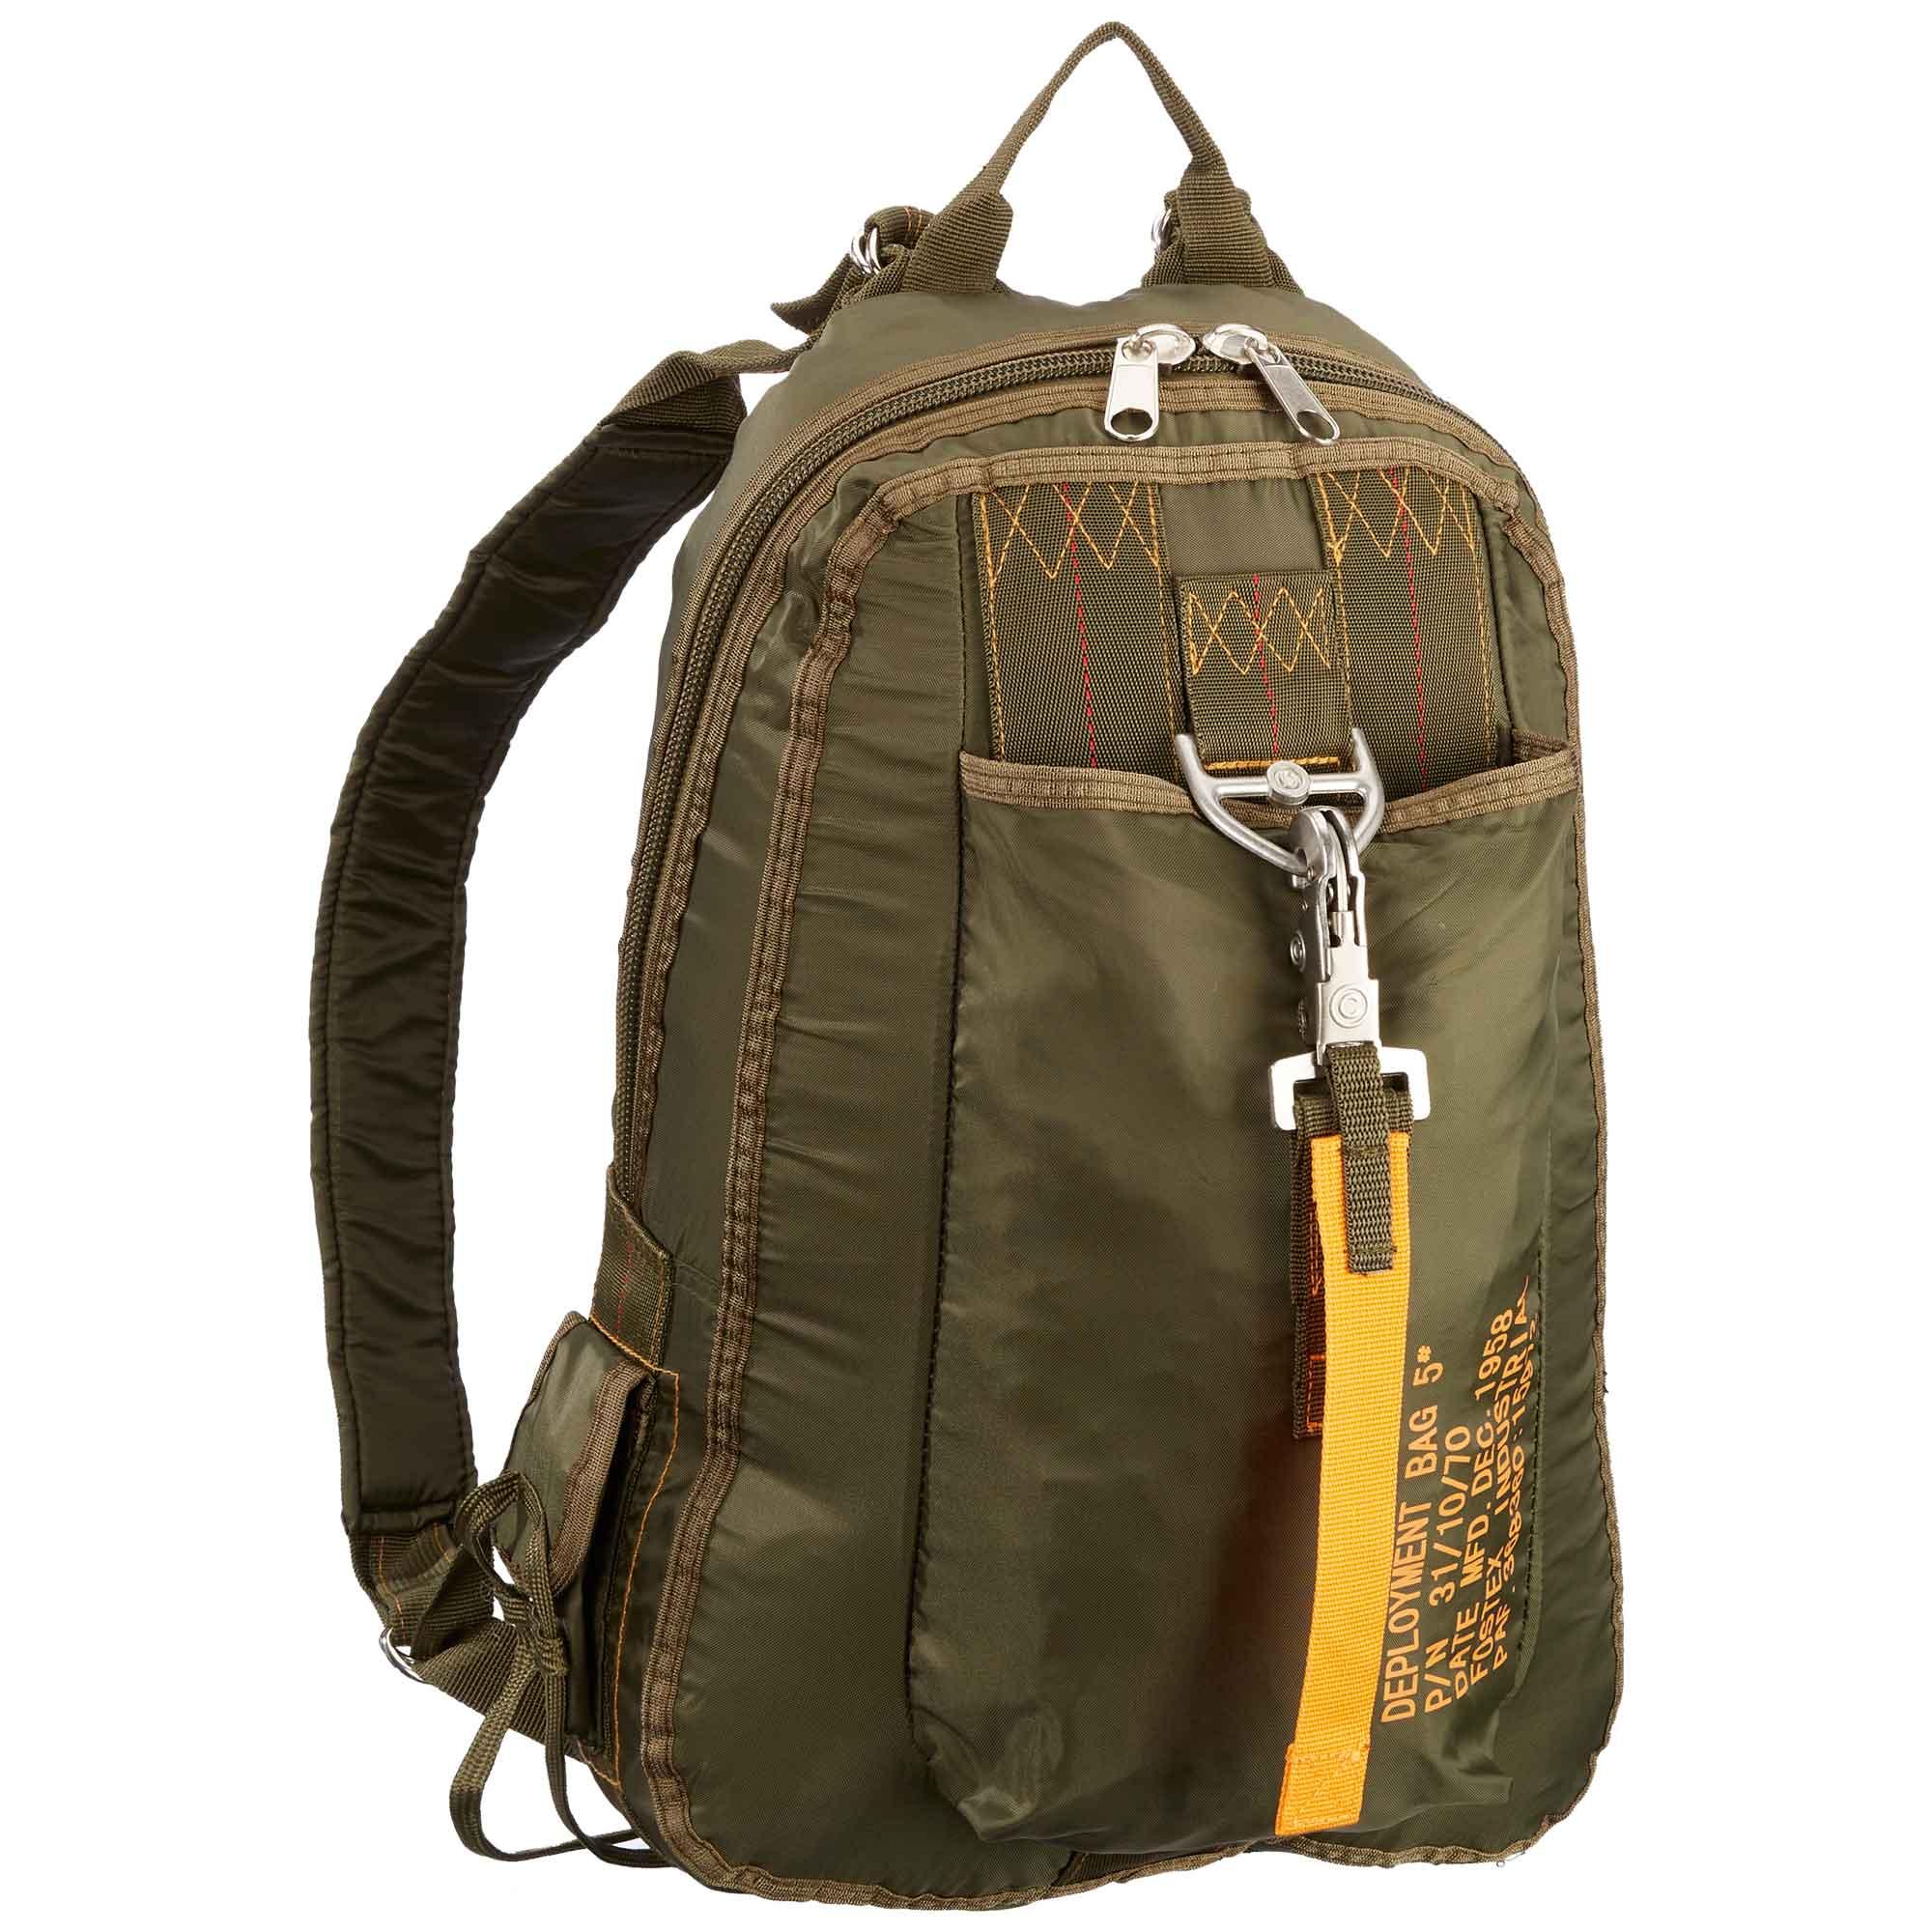 Backpack Deployment Bag 5